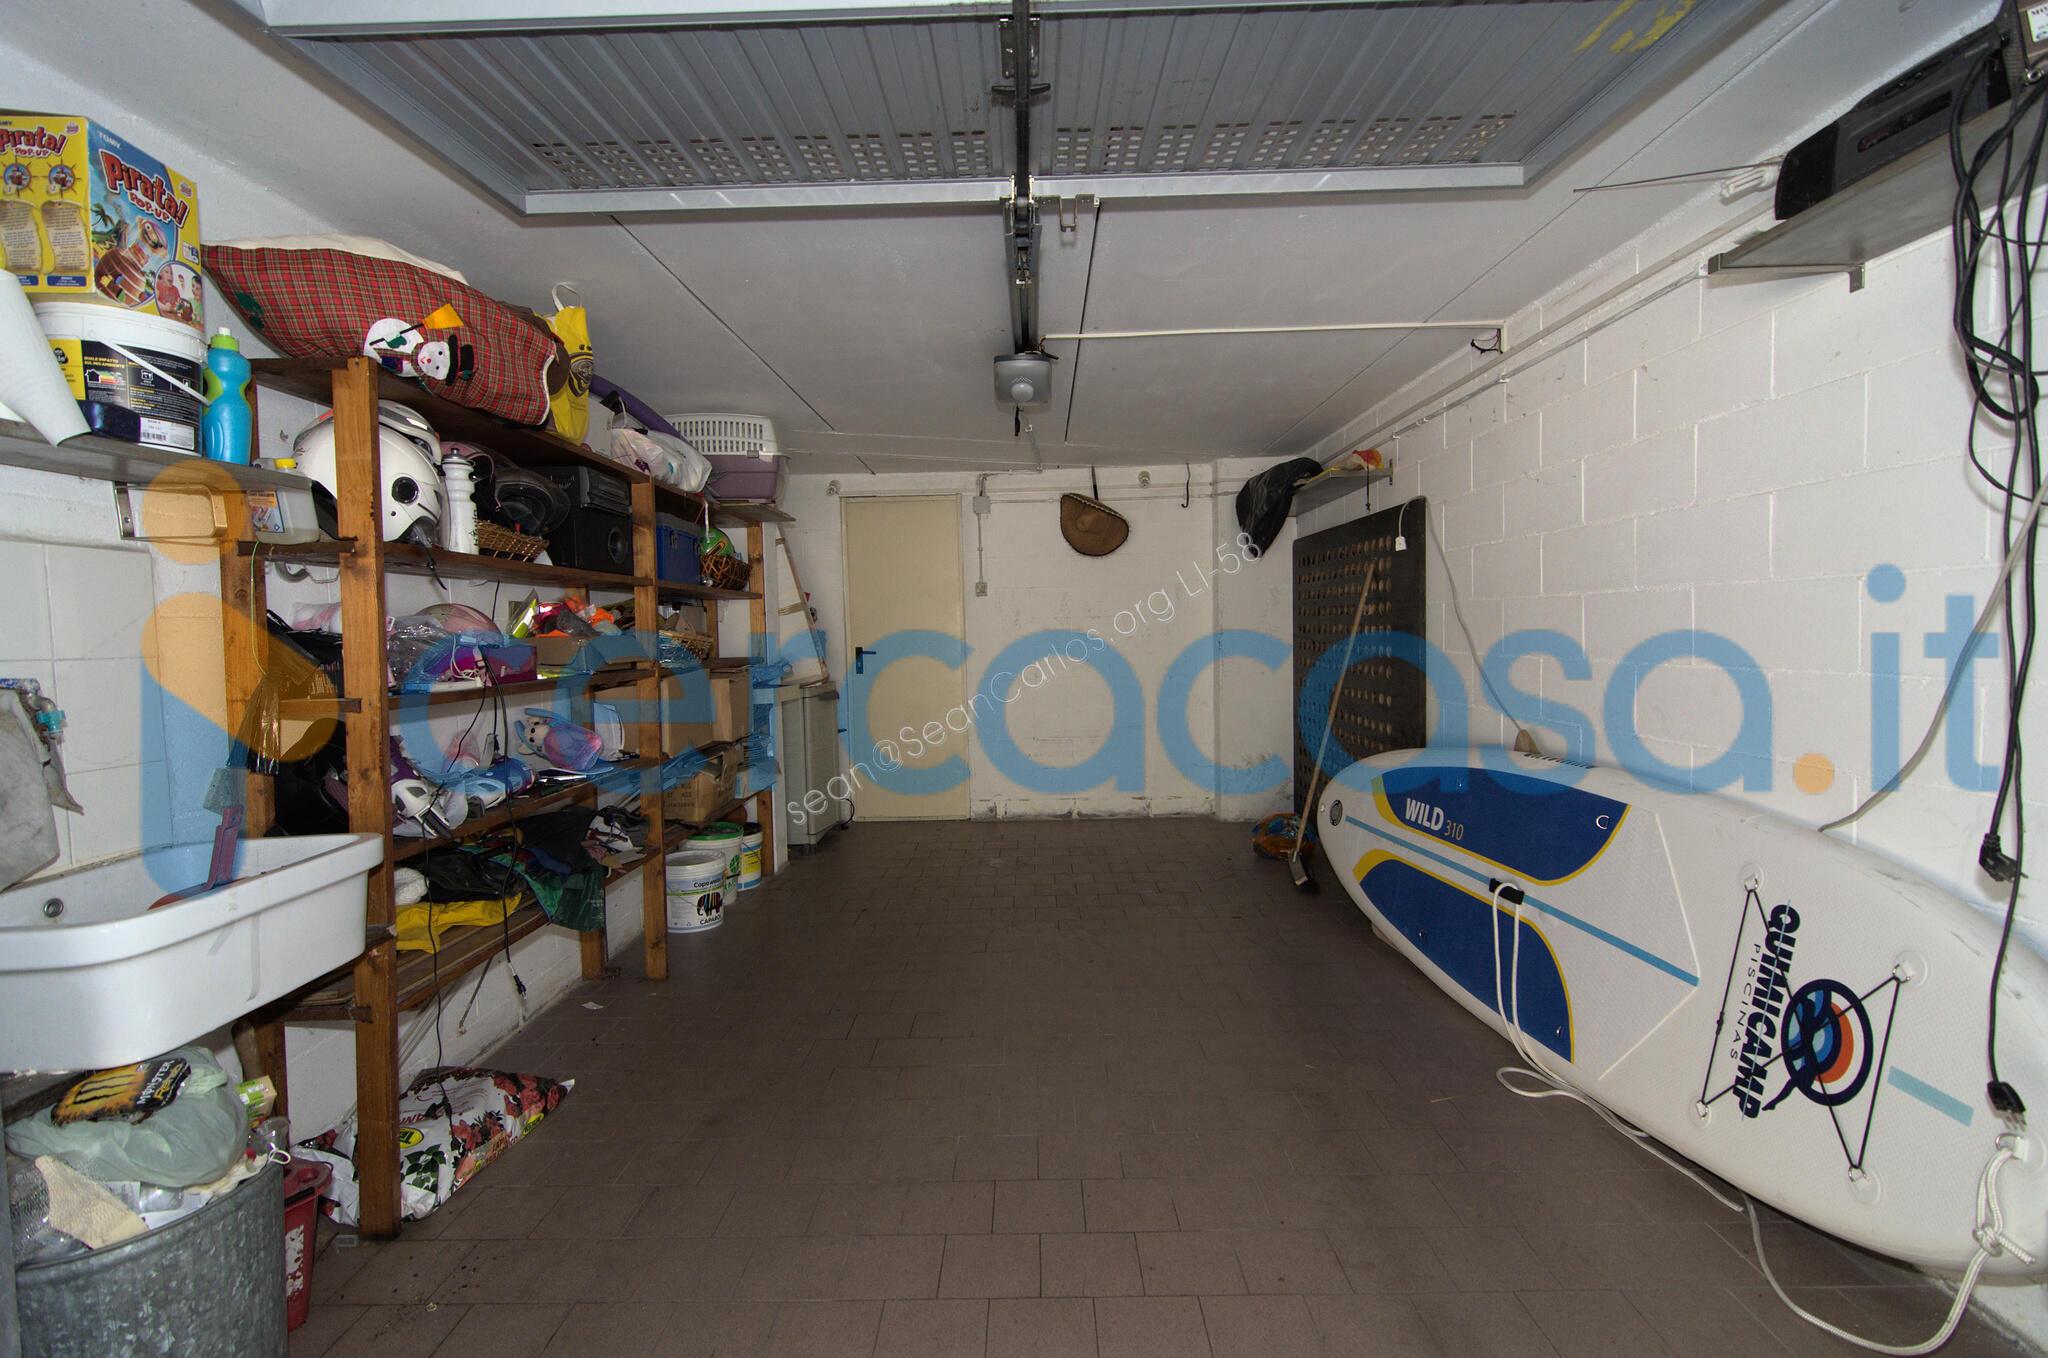 _appartamento-__0028114-m__00b2-ca__0029-con-ingresso-indipendente__002c-salone__002c-cucina__002c-2-camere__002c-3-terrazze__002c-garage-a-_san-_rocco__002c-_piombino-__0028_l_i__0029-__00b7-249__002e000-__20ac